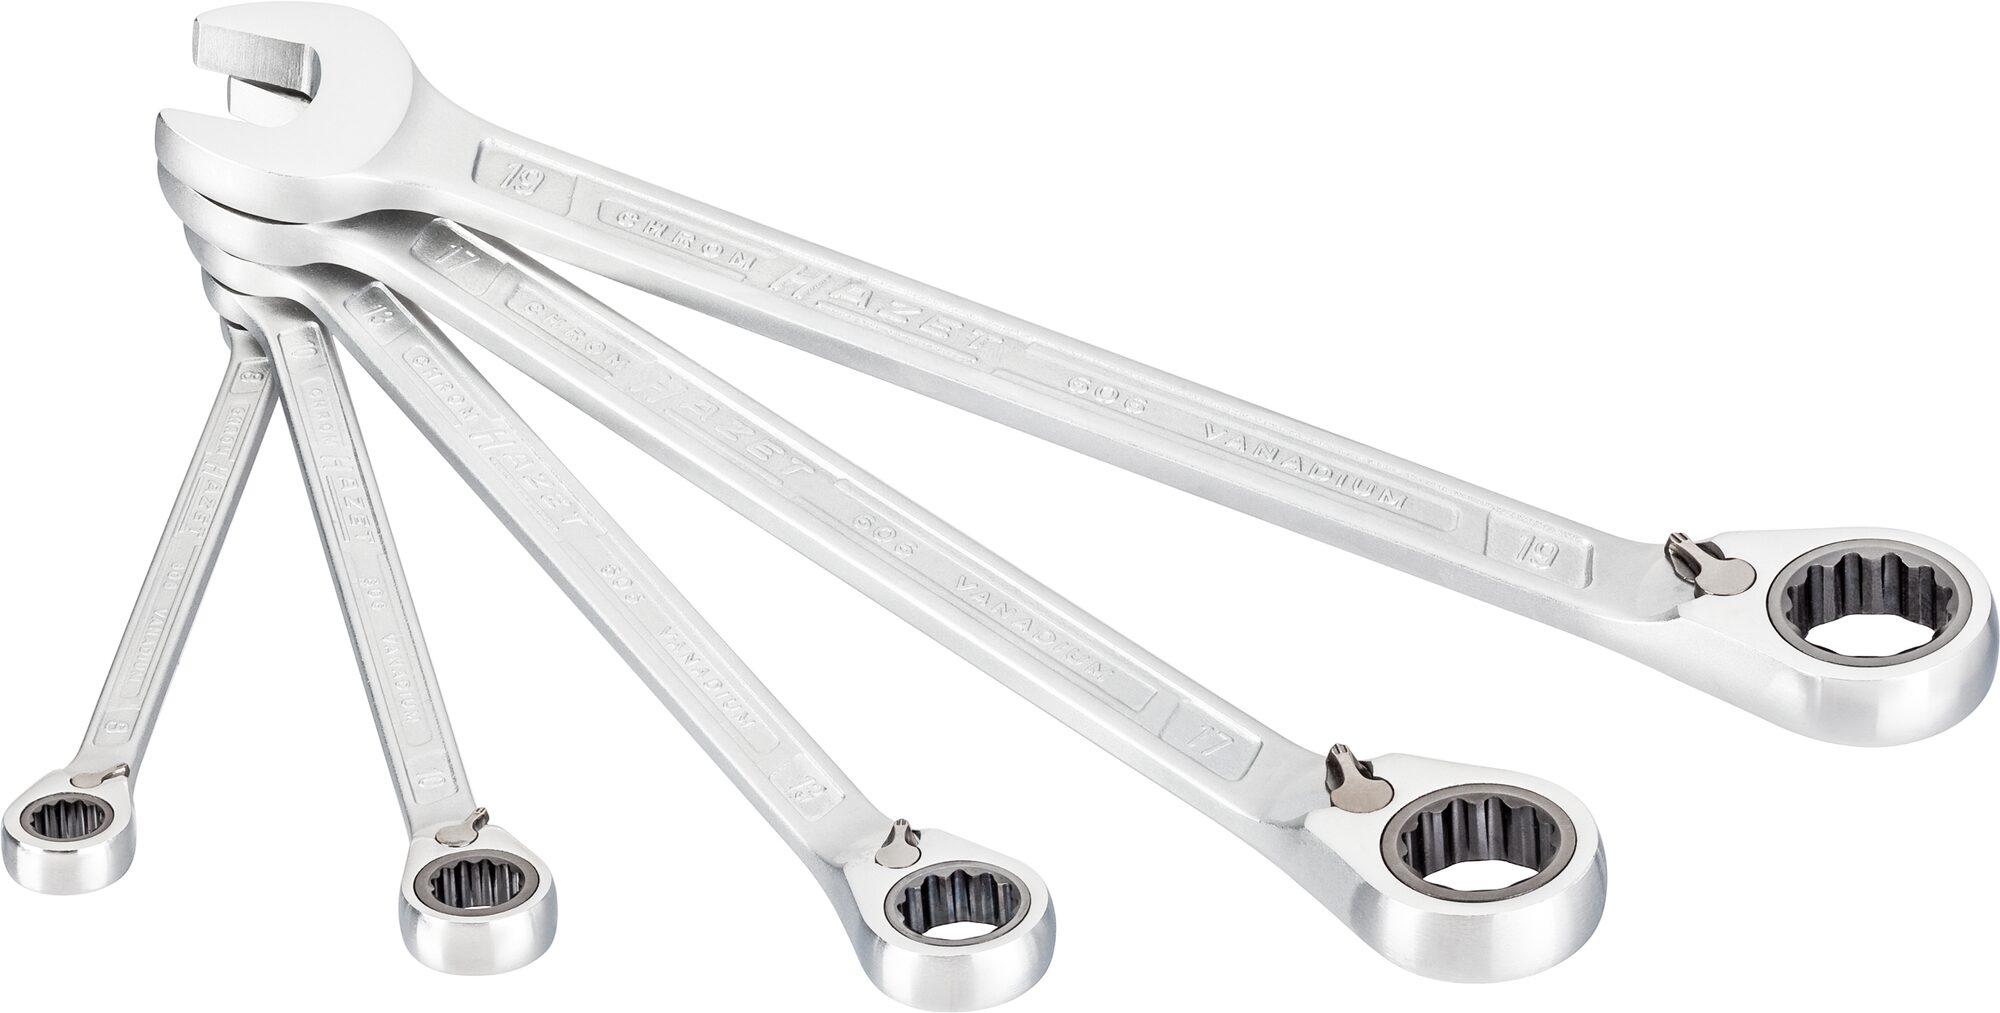 HAZET Knarren Ring-Maulschlüssel Satz 606/5 ∙ Außen-Doppel-Sechskant-Tractionsprofil ∙ 8–19 ∙ Anzahl Werkzeuge: 5